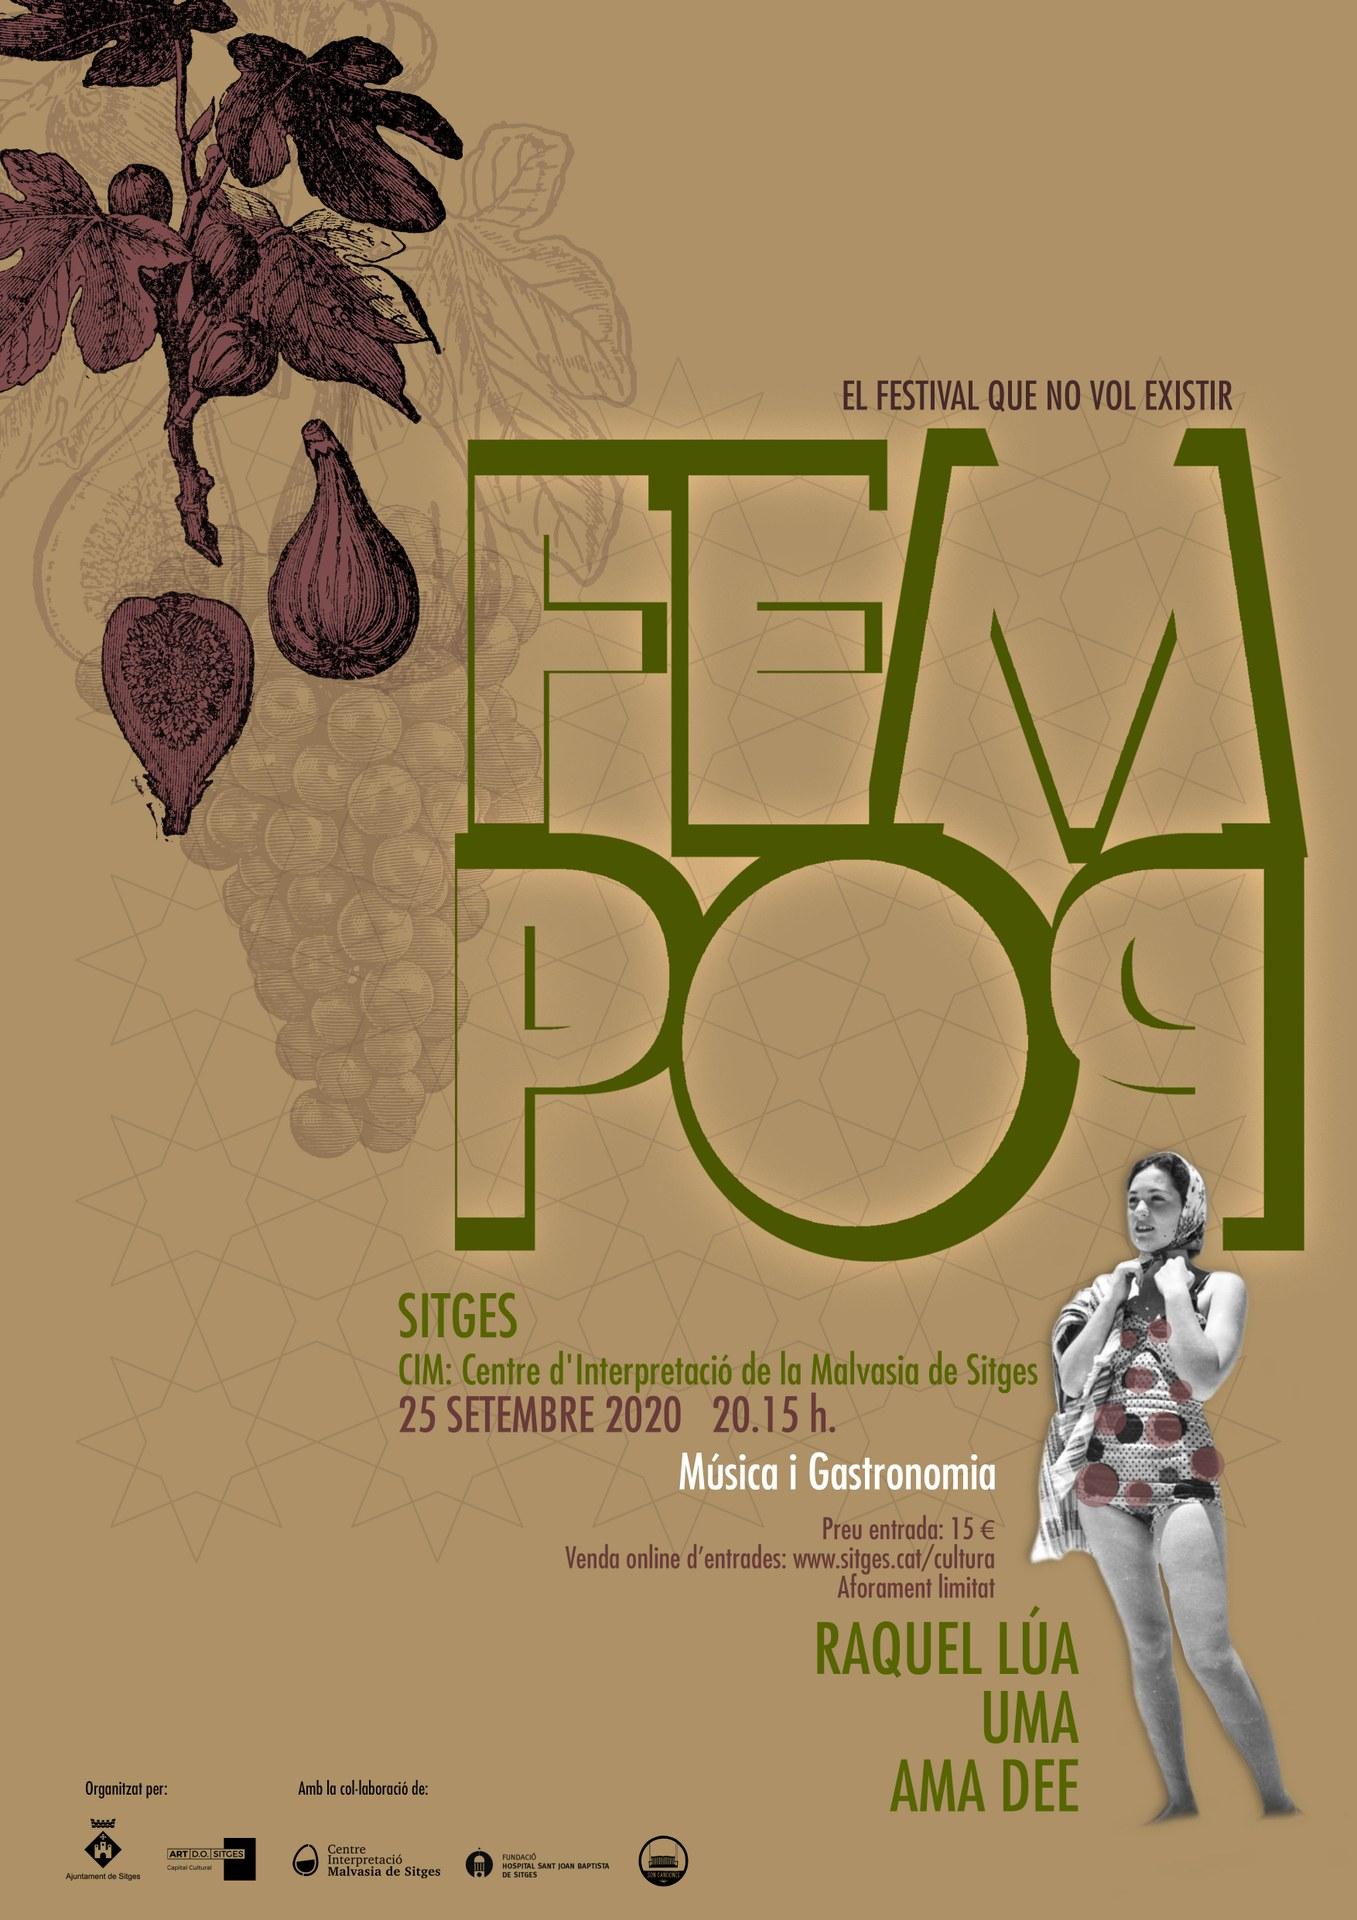 El Festival FemPop combina talent femení i gastronomia al Centre d'Interpretació de la Malvasia